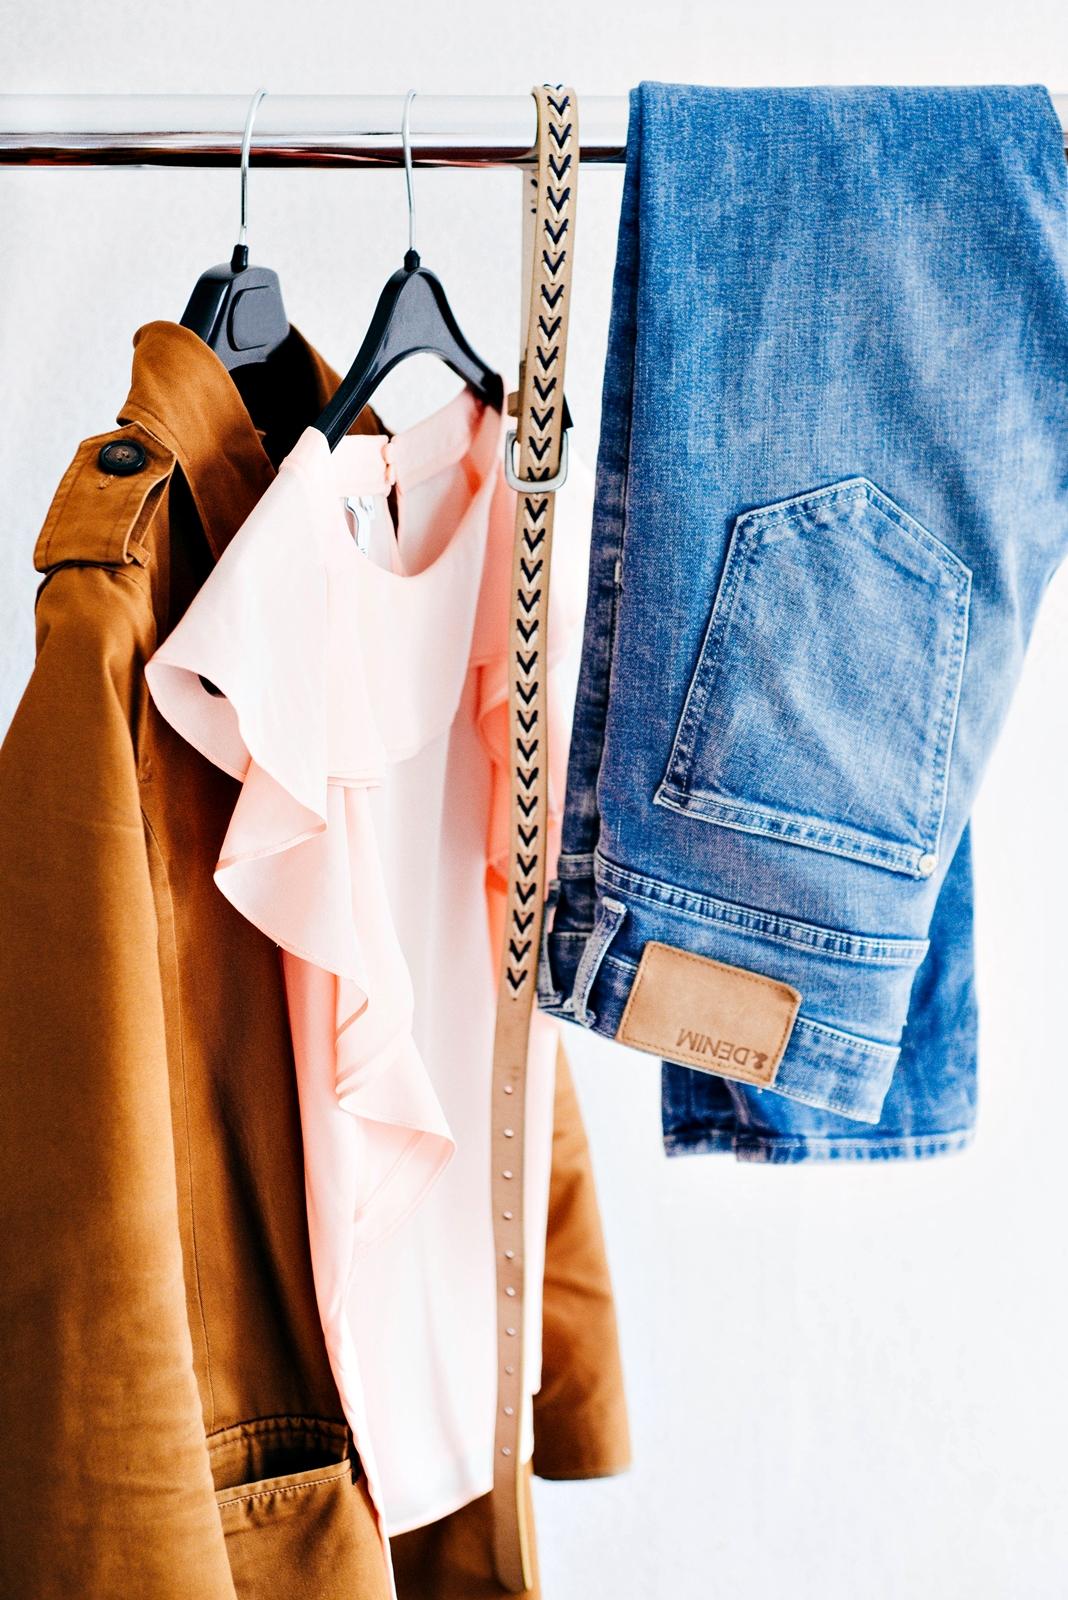 Kleiderschrank Ausmisten Die Besten Tipps Tricks Fashionladyloves